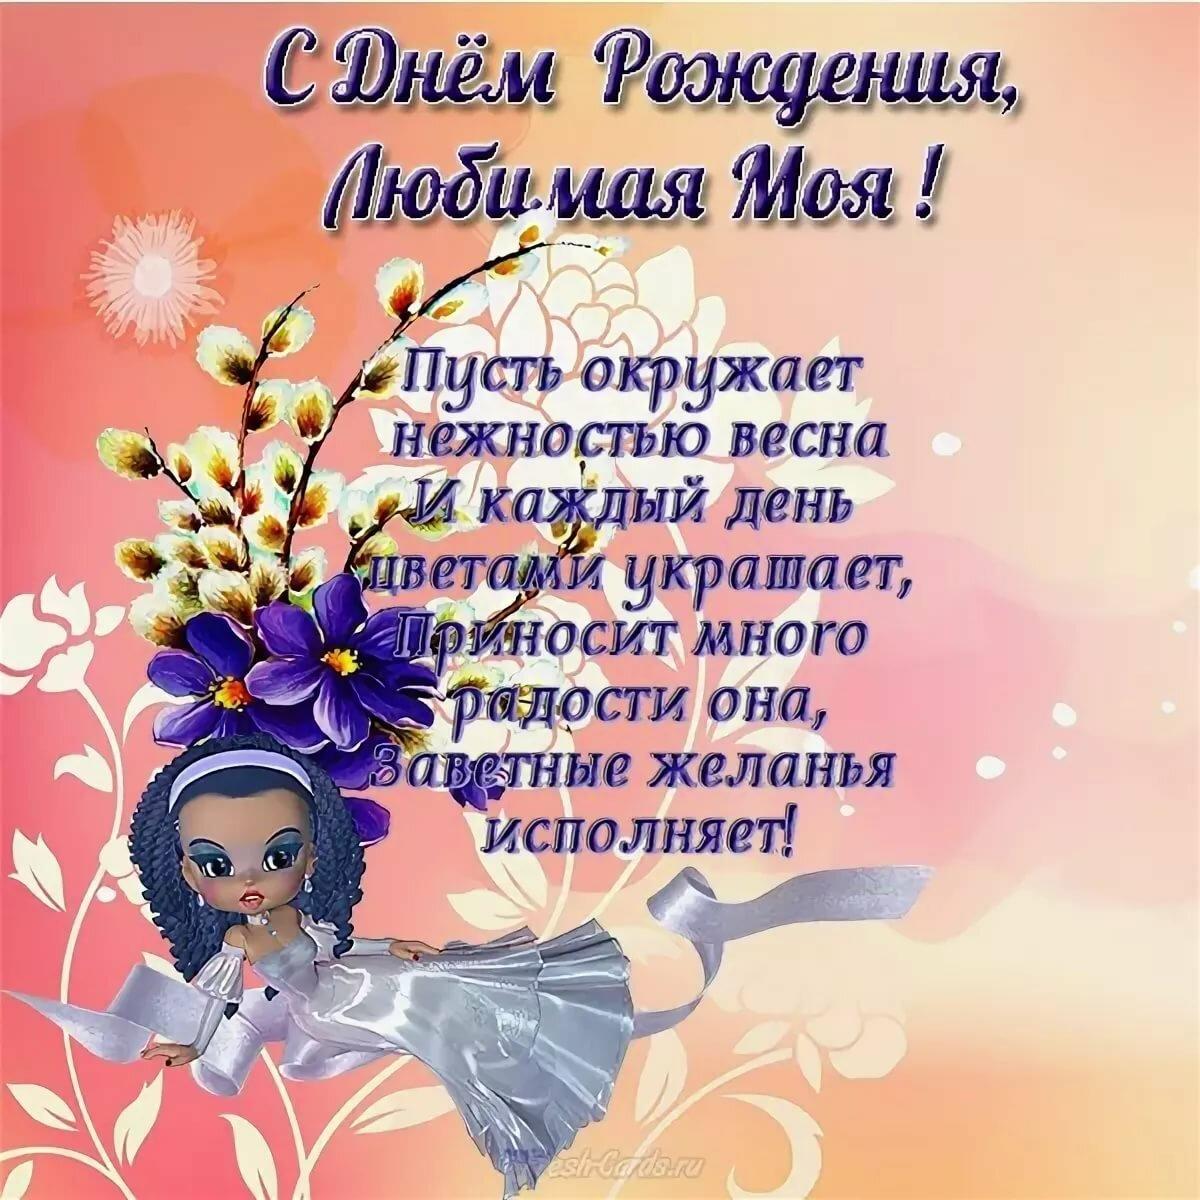 поздравления и пожелания жене в день рождения вам